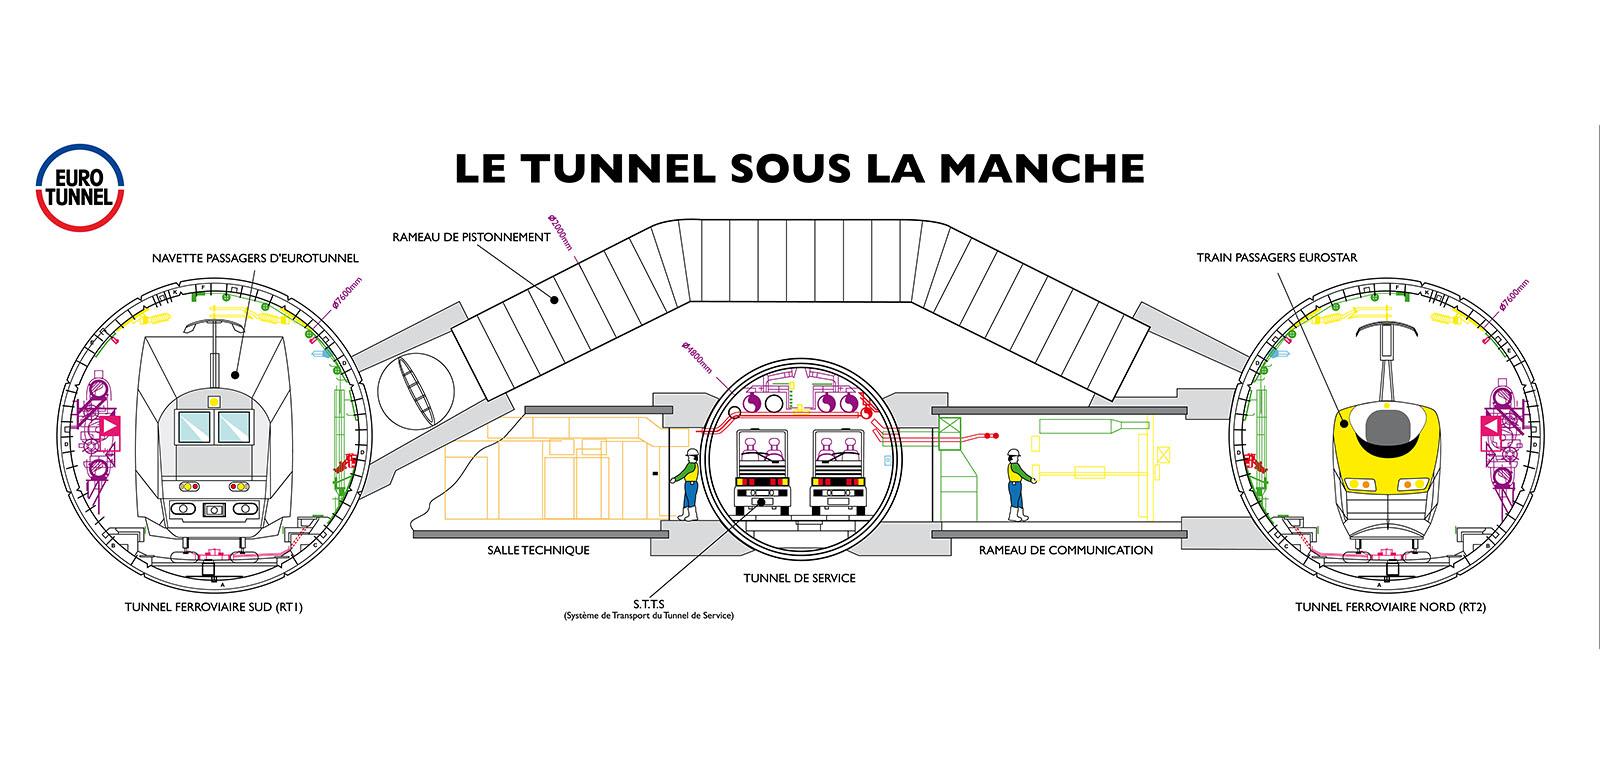 Schema Eurotunnel, tunnel sous la manche